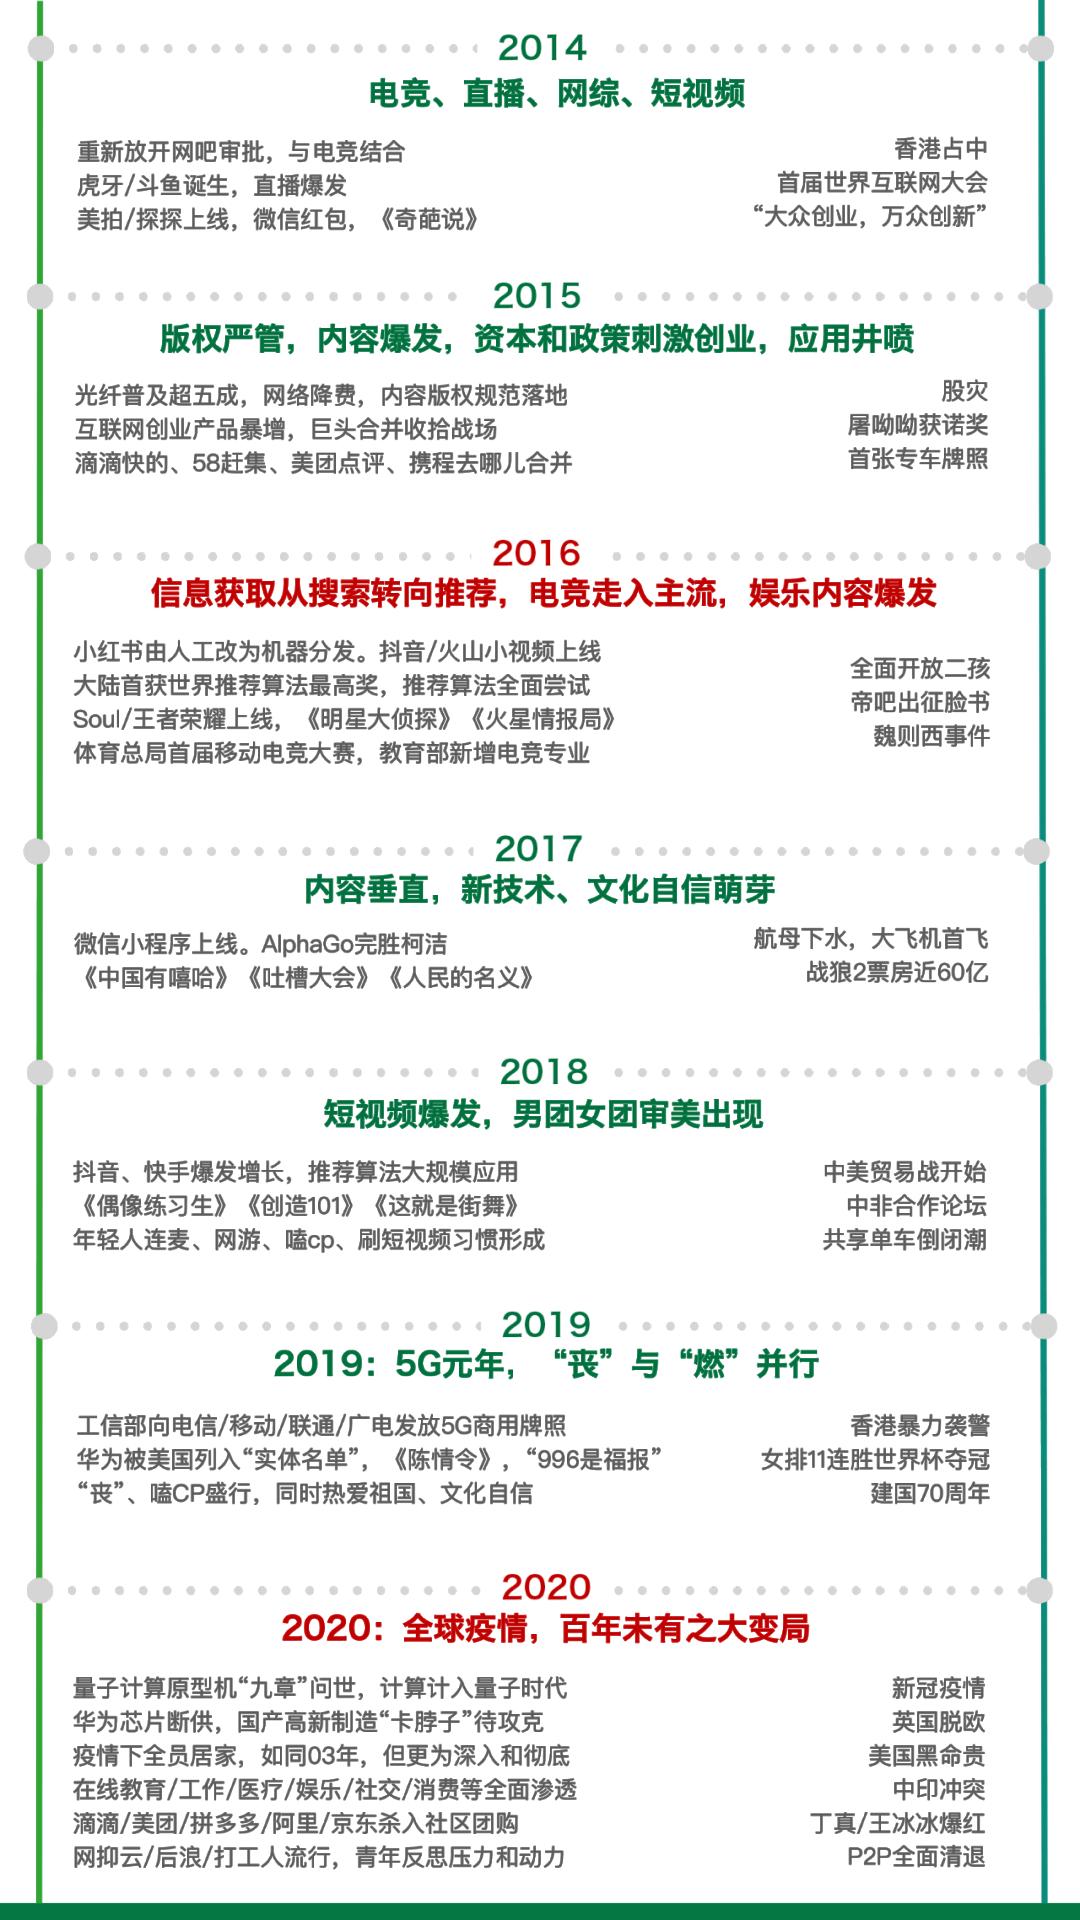 青山资本2021年中消费报告:Z世代定义与特征